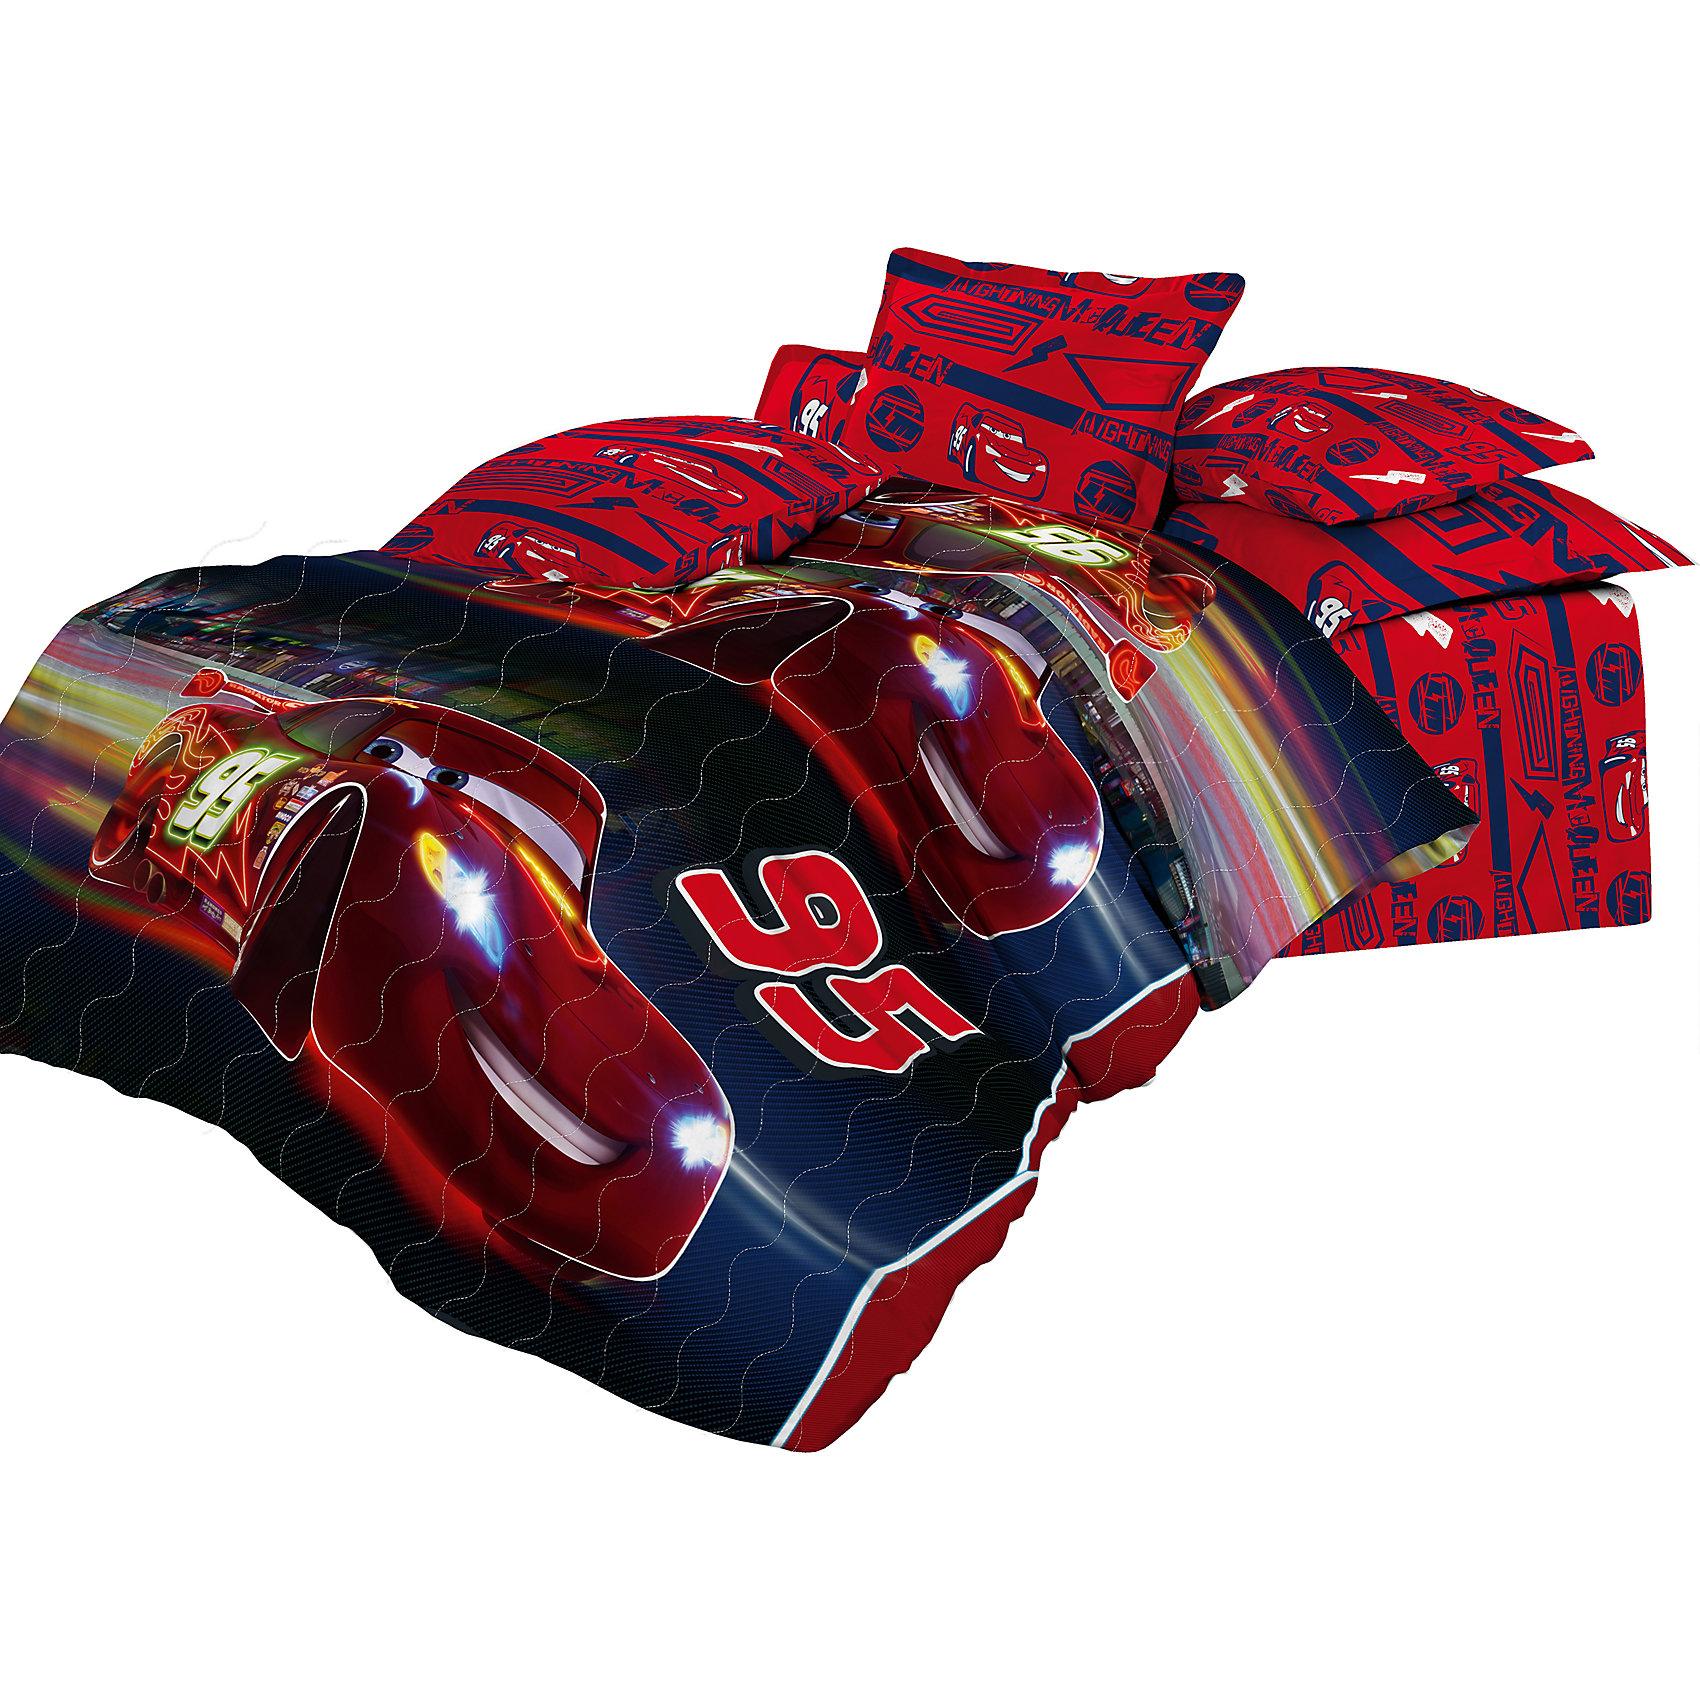 Покрывало стеганое 145*200 Тачки Ночная гонка, НепоседаДомашний текстиль<br>Характеристики:<br><br>• Вид домашнего текстиля: покрывало<br>• Тип постельного белья по размерам: 1,5 спальное<br>• Материал: хлопок, 100%<br>• Наполнитель: силиконизированное волокно (софт)<br>• Тематика рисунка: Тачки<br>• Размеры (Ш*Д): 145*200 см <br>• Тип упаковки: сумка <br>• Вес в упаковке: 1 кг 200 г<br>• Размеры упаковки (Д*Ш*В): 50*25*50 см<br>• Особенности ухода: допускается машинная стирка в щадящем режиме или влажная чистка<br><br>Покрывало стеганое 145*200 Тачки Ночная гонка, Непоседа выполнено в ярком дизайне с изображением гонщика Маквина из мультсериала Тачки. Все швы изделия тщательно обработаны. Стежка, выполненная по всему полотну изделия, не только ровно распределяет наполнитель, но и выполняет декоративную функцию. <br><br>Такое покрывало можно использовать в качестве одеяла в летний период времени. Изделие упаковано в красивую сумочку с ручками, поэтому его можно преподнести в качестве подарка для юных поклонников сериала Тачки.<br><br>Покрывало стеганое 145*200 Тачки Ночная гонка, Непоседа можно купить в нашем интернет-магазине.<br><br>Ширина мм: 500<br>Глубина мм: 250<br>Высота мм: 500<br>Вес г: 1200<br>Возраст от месяцев: 36<br>Возраст до месяцев: 144<br>Пол: Мужской<br>Возраст: Детский<br>SKU: 5623420